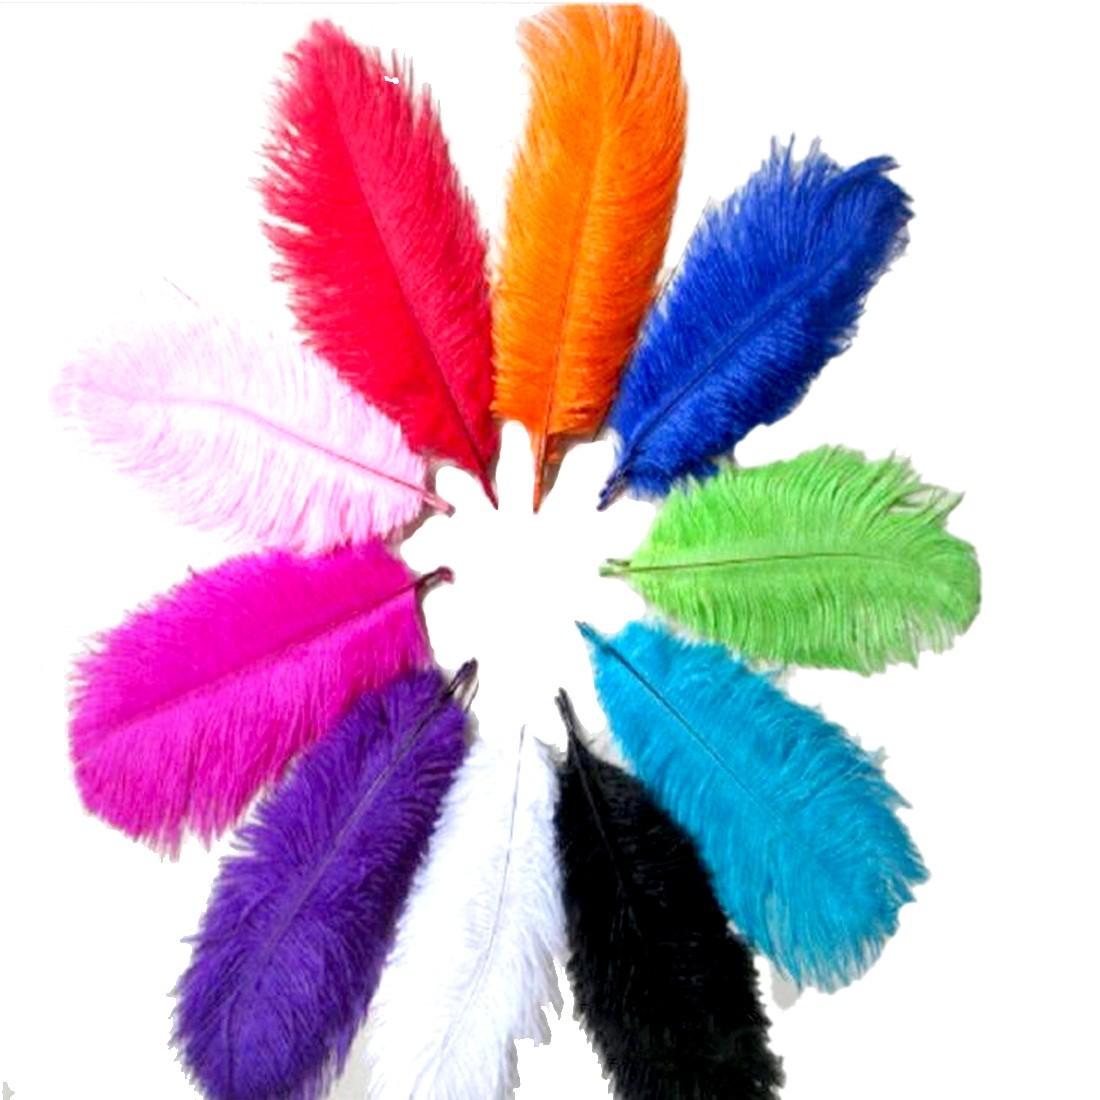 Новое поступление 10 шт. страусиных перьев 20 - 25 см свадебные украшения оперение аксессуары ремесла красивая 10 смешивания цветов